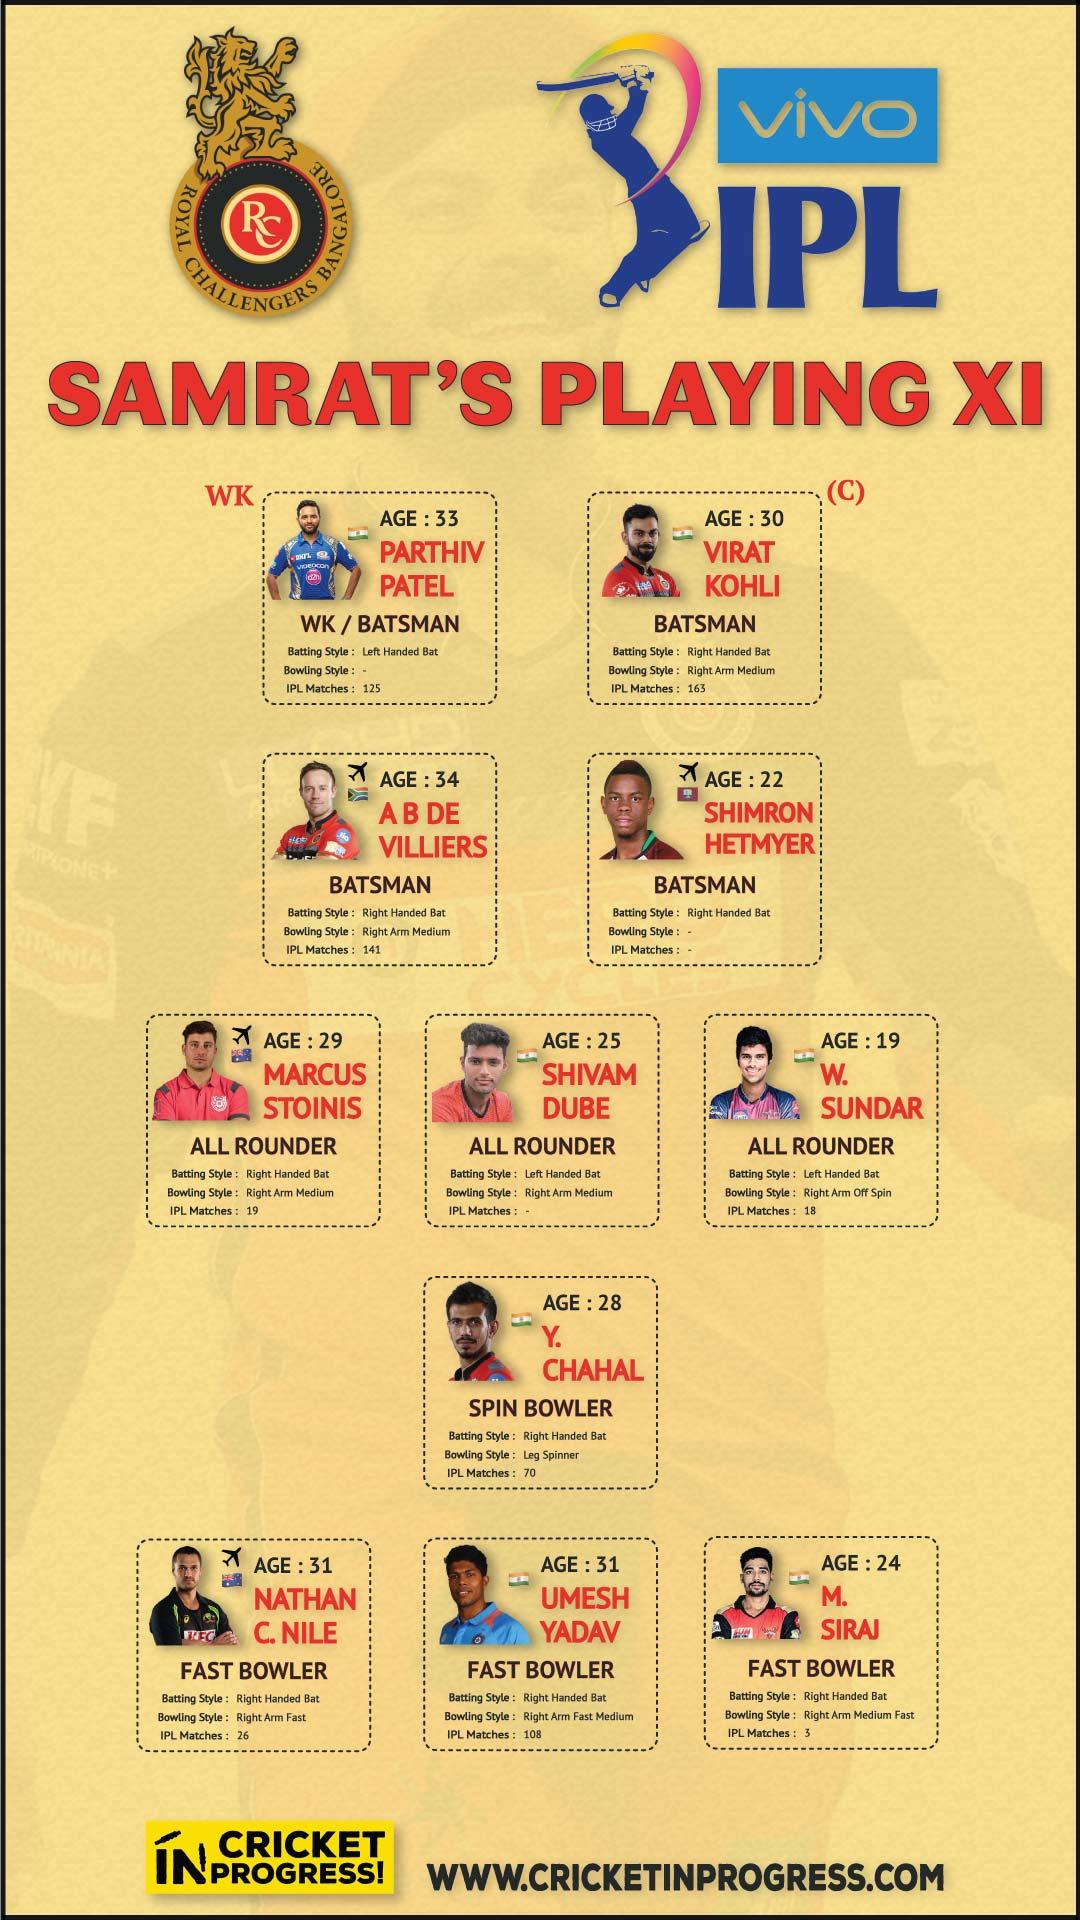 IPL 2019 RCB Samrat Playing XI